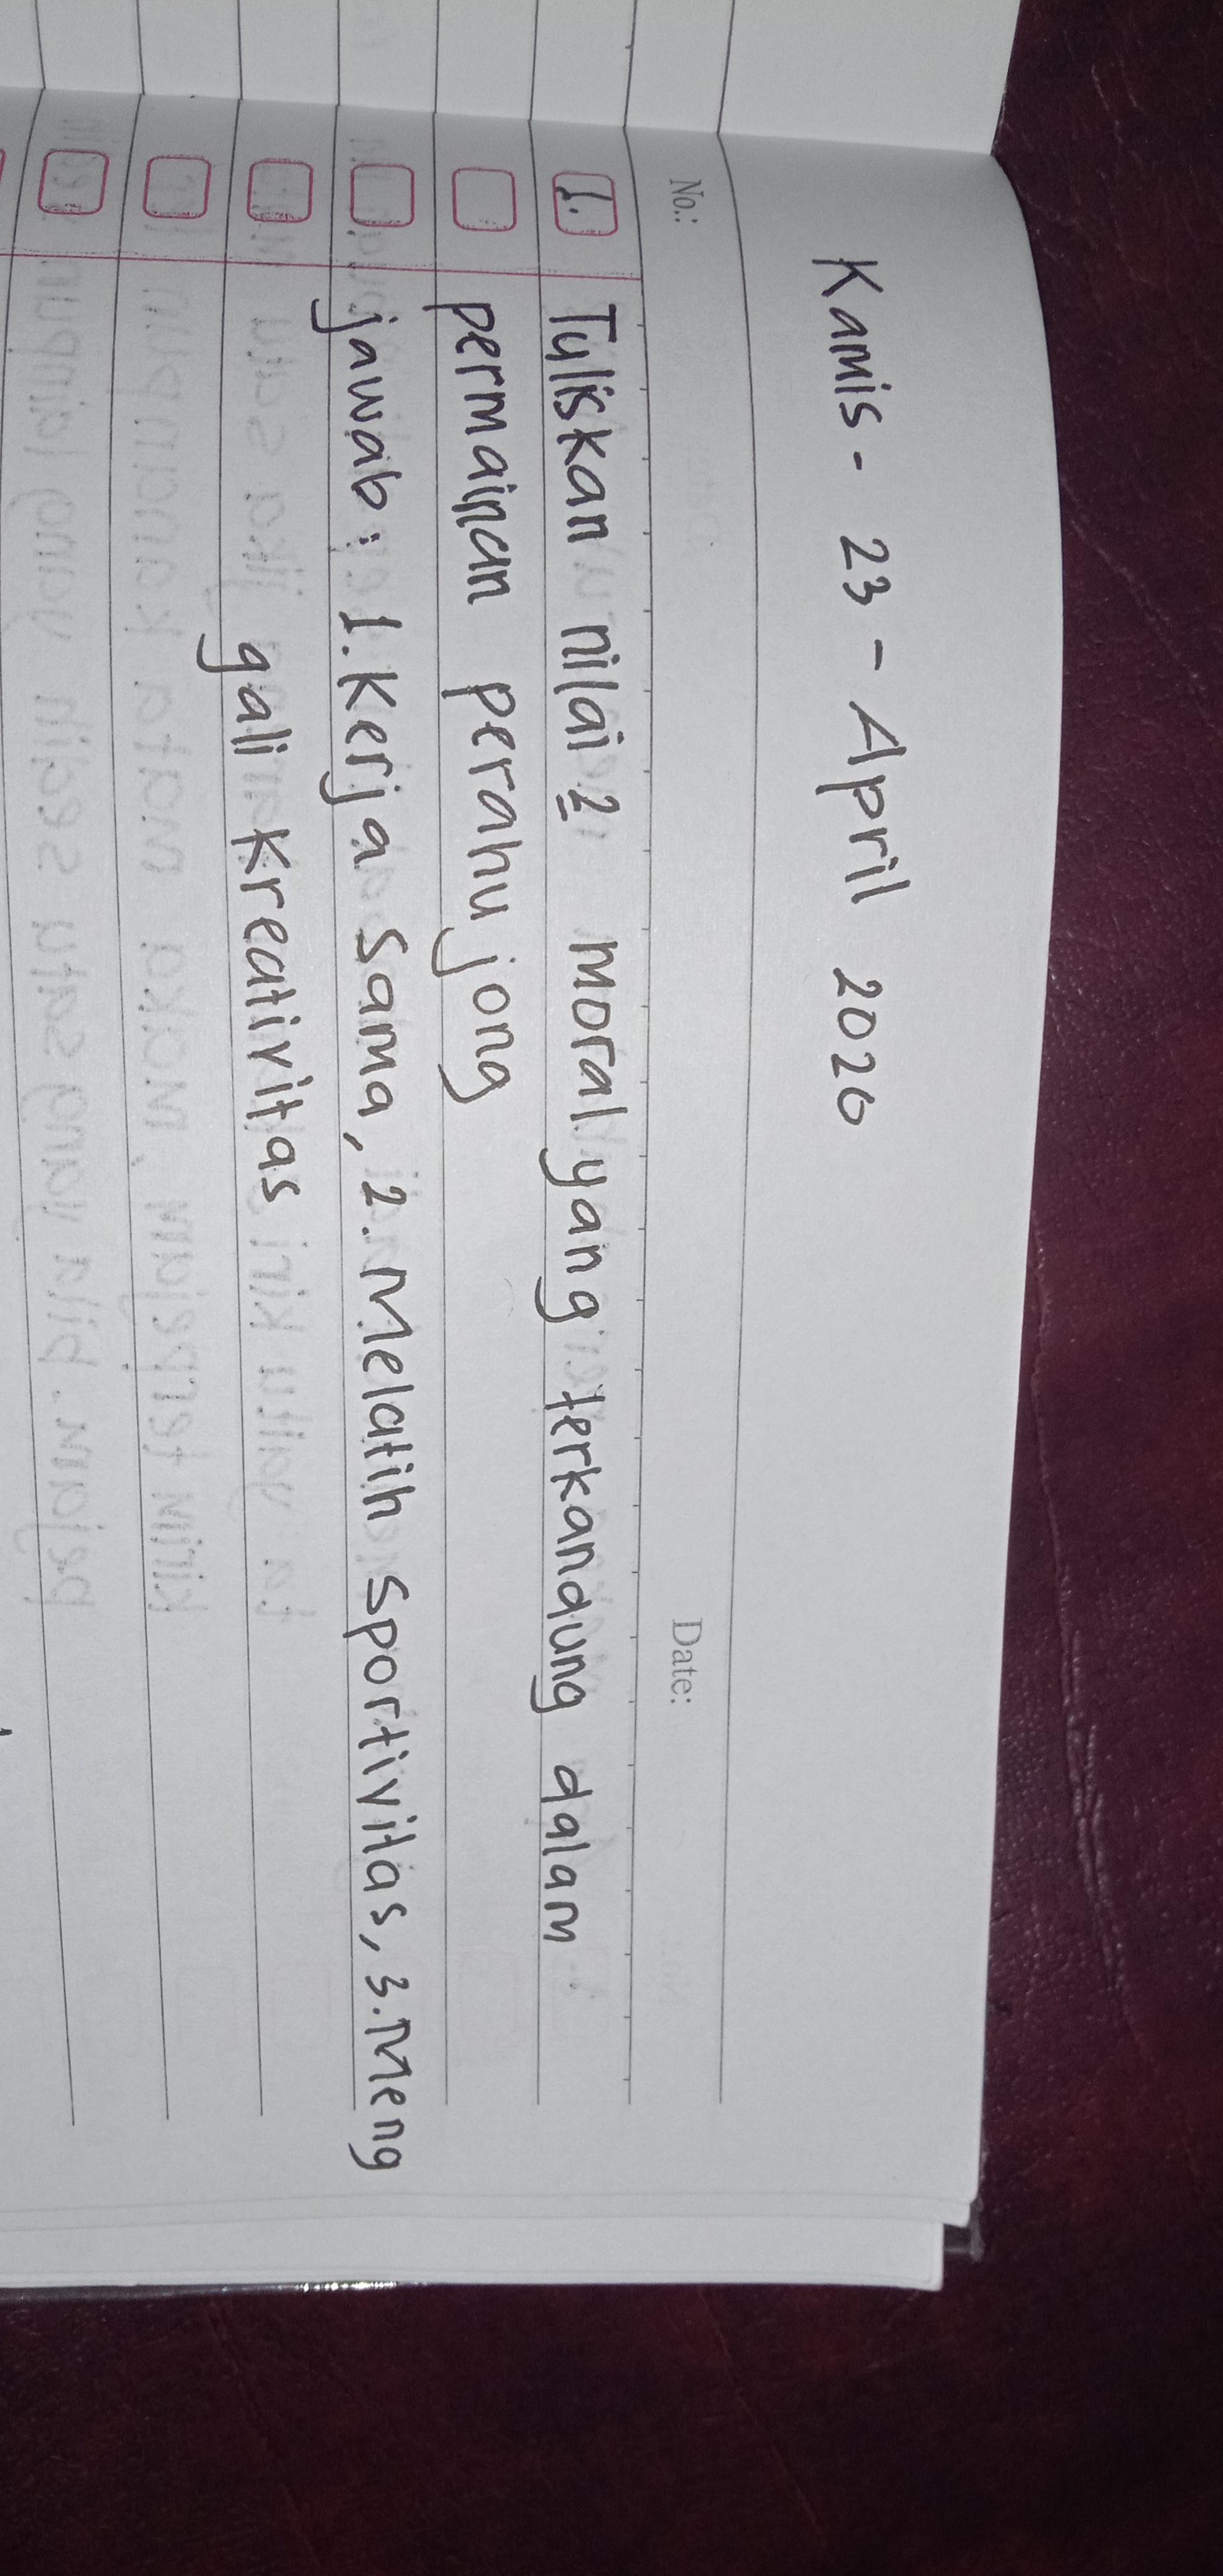 Tuliskan Nilai Nilai Moral Yang Terkandung Dalam Permainan Perahu Jong : tuliskan, nilai, moral, terkandung, dalam, permainan, perahu, Tuliskan, Nilai-nilai, Moral, Tekandung, Dalam, Permainan, Perahu, Brainly.co.id